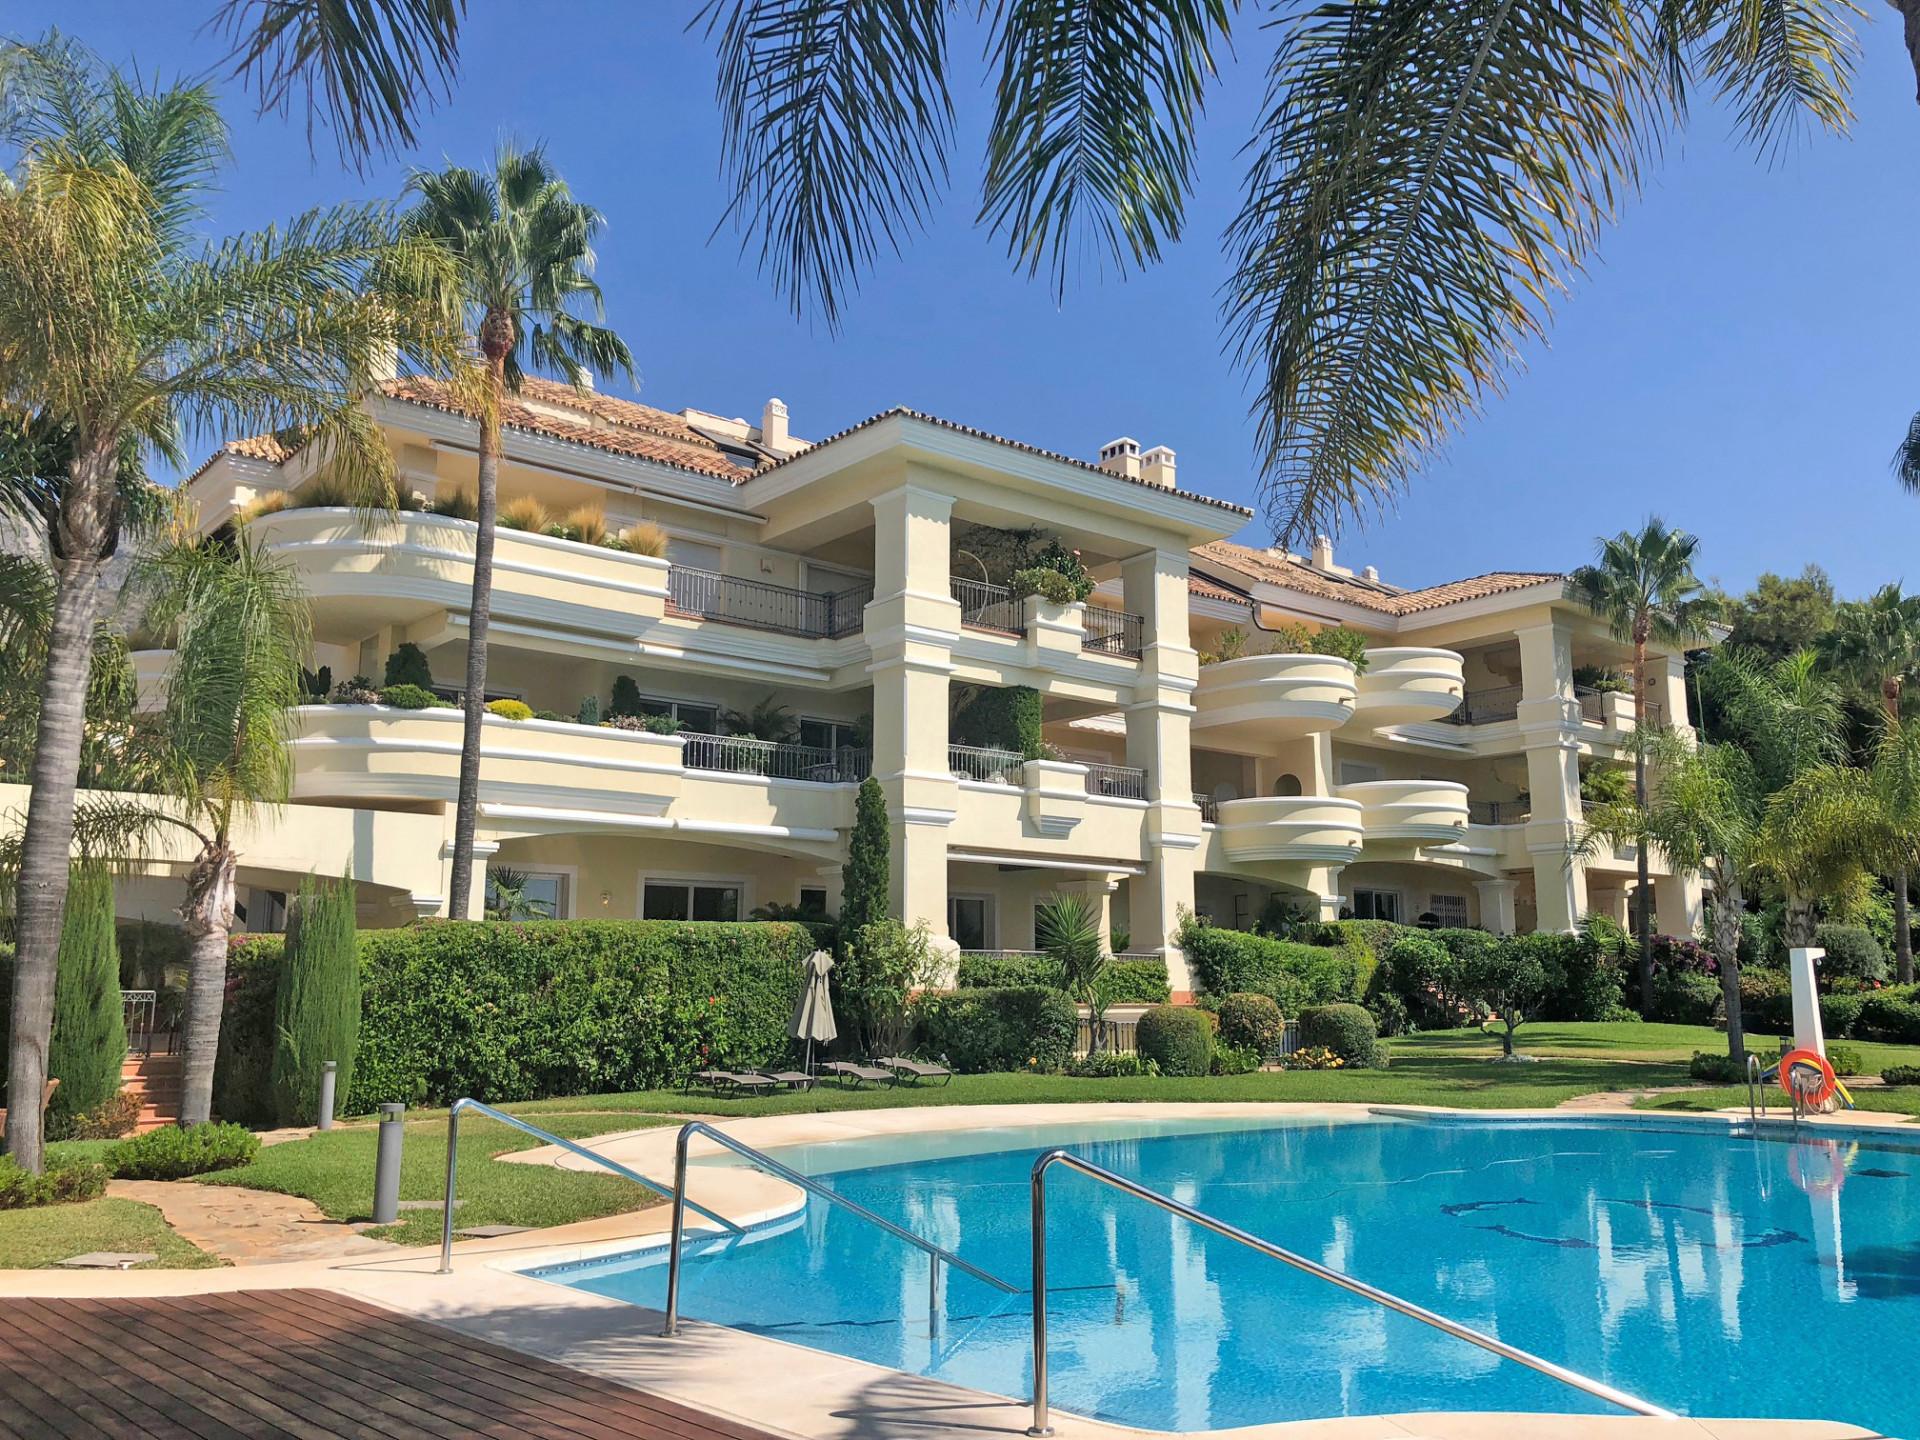 ARFA1271 - Elegante Wohnung in Luxusanlage zum Verkauf mit  Meersicht in Altos Reales Marbella Goldene Meile